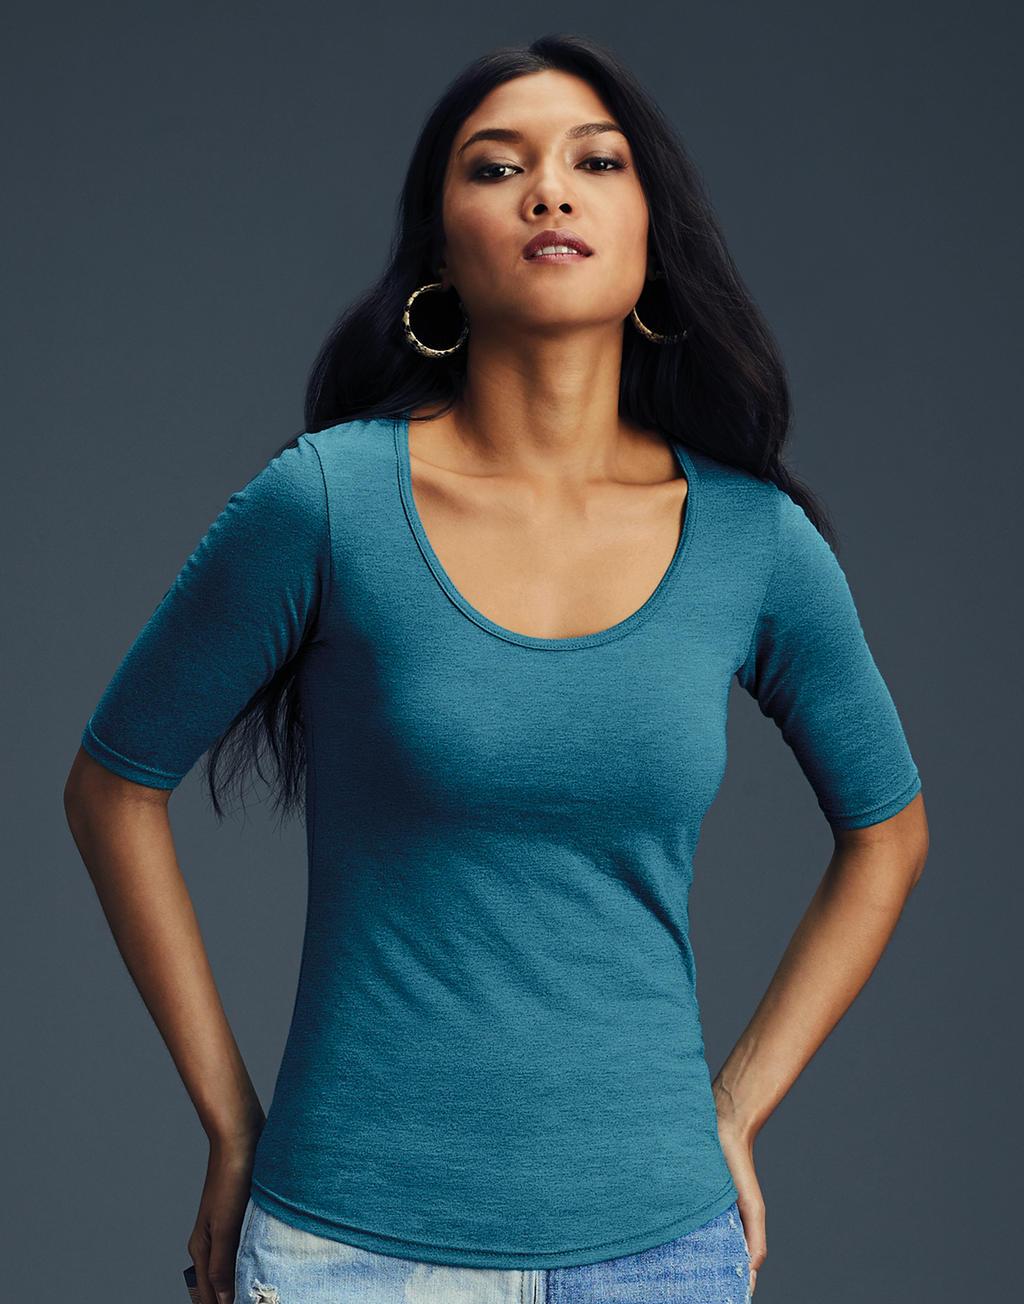 ca7017614547 Dámske tričko Tri-Blend s hlbokým výstrihom